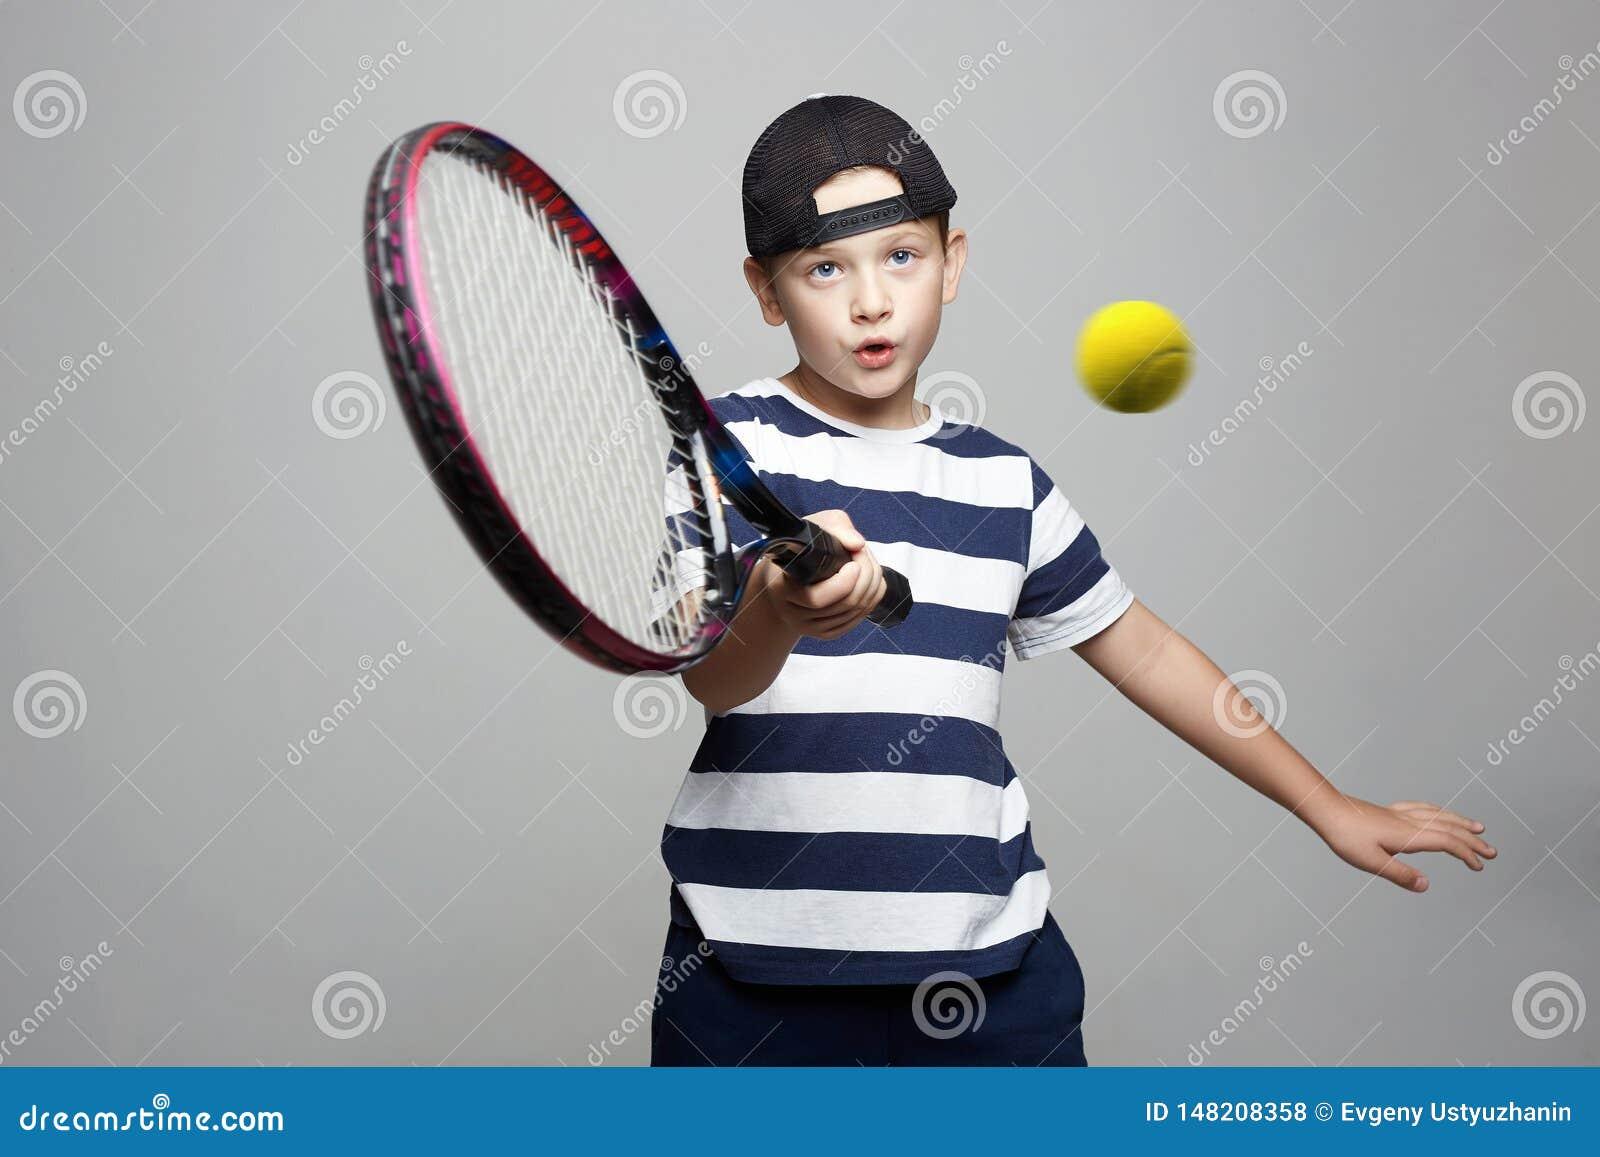 Sportkind Kind mit Tennisschläger und -ball